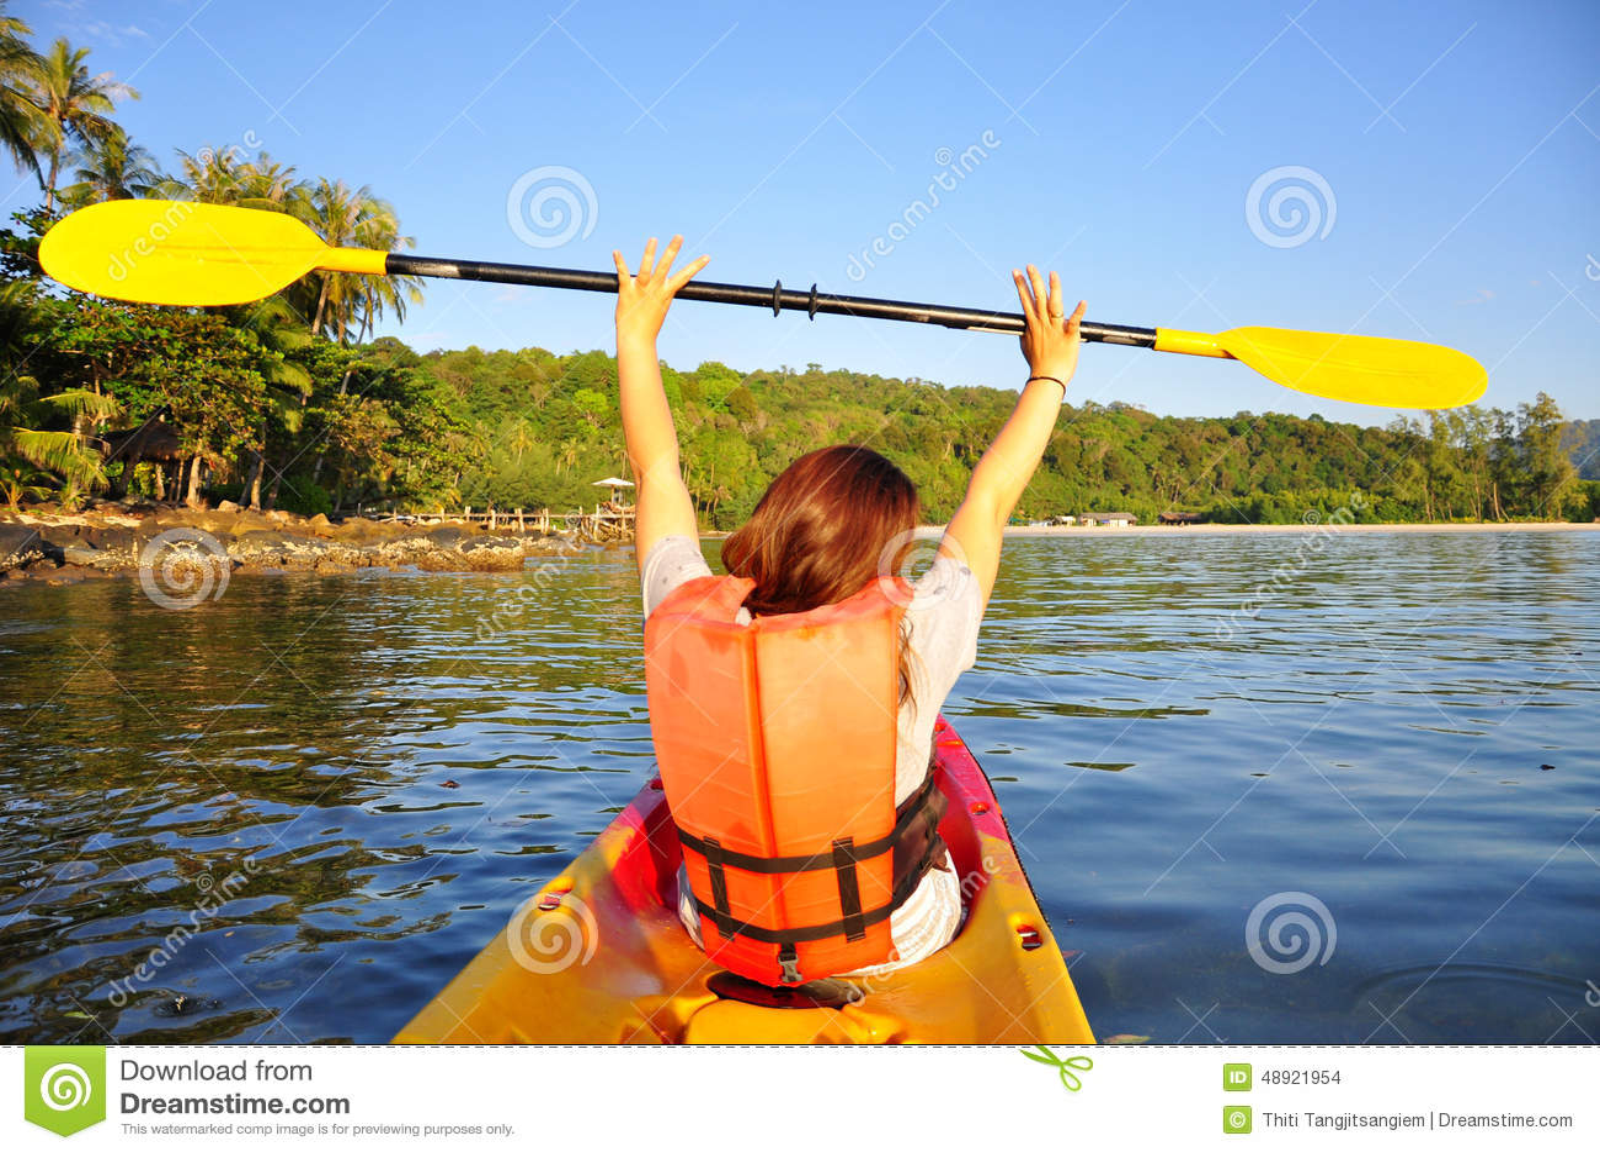 happy girl having fun on kayak stock photo image of male girl